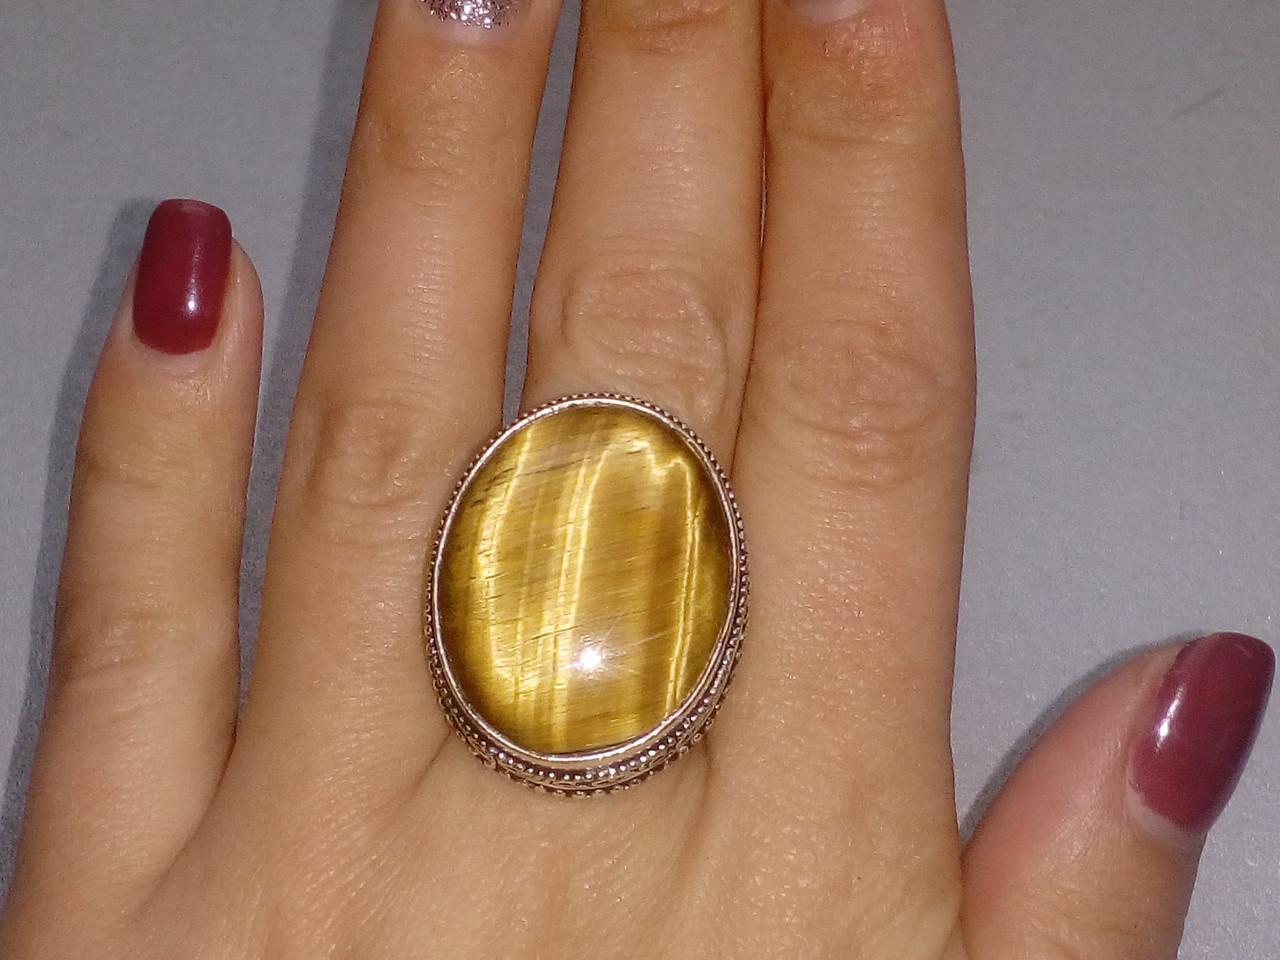 Кольцо тигровый глаз. Кольцо овал с натуральным тигровым глазом в серебре 19,25-19,5 размер Индия